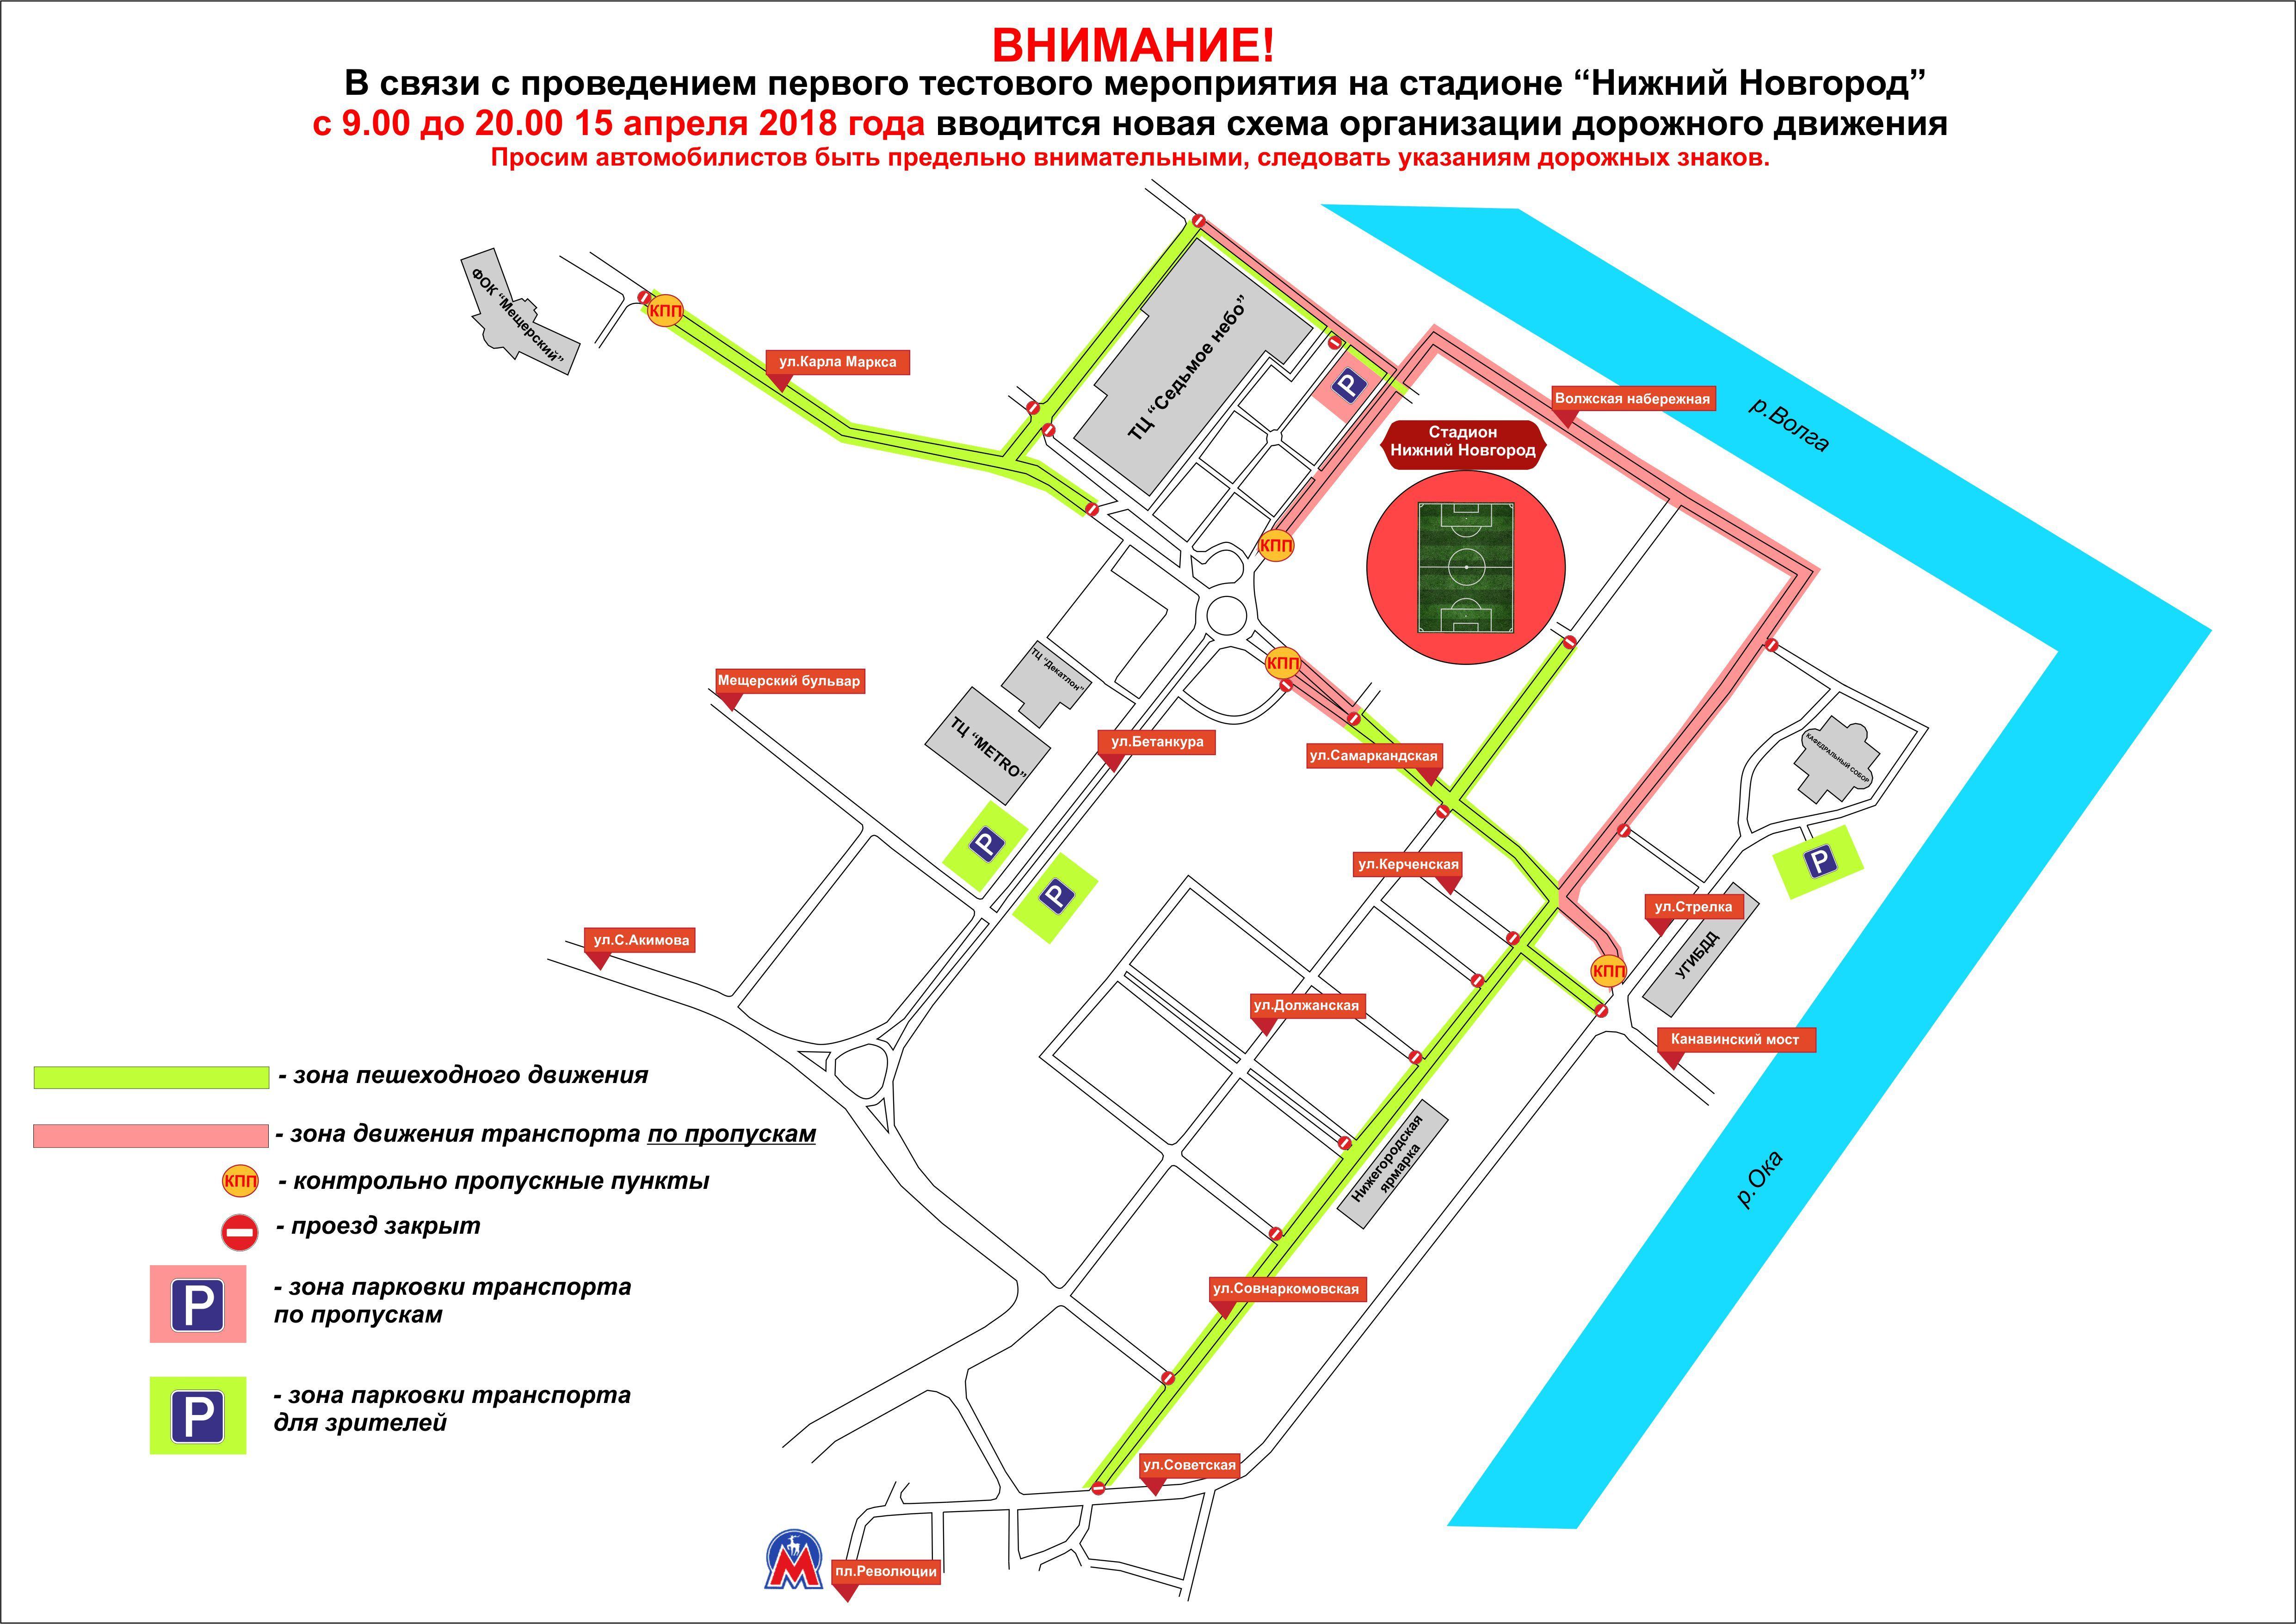 ВНижнем Новгороде 15апреля поменяется схема движения транспорта